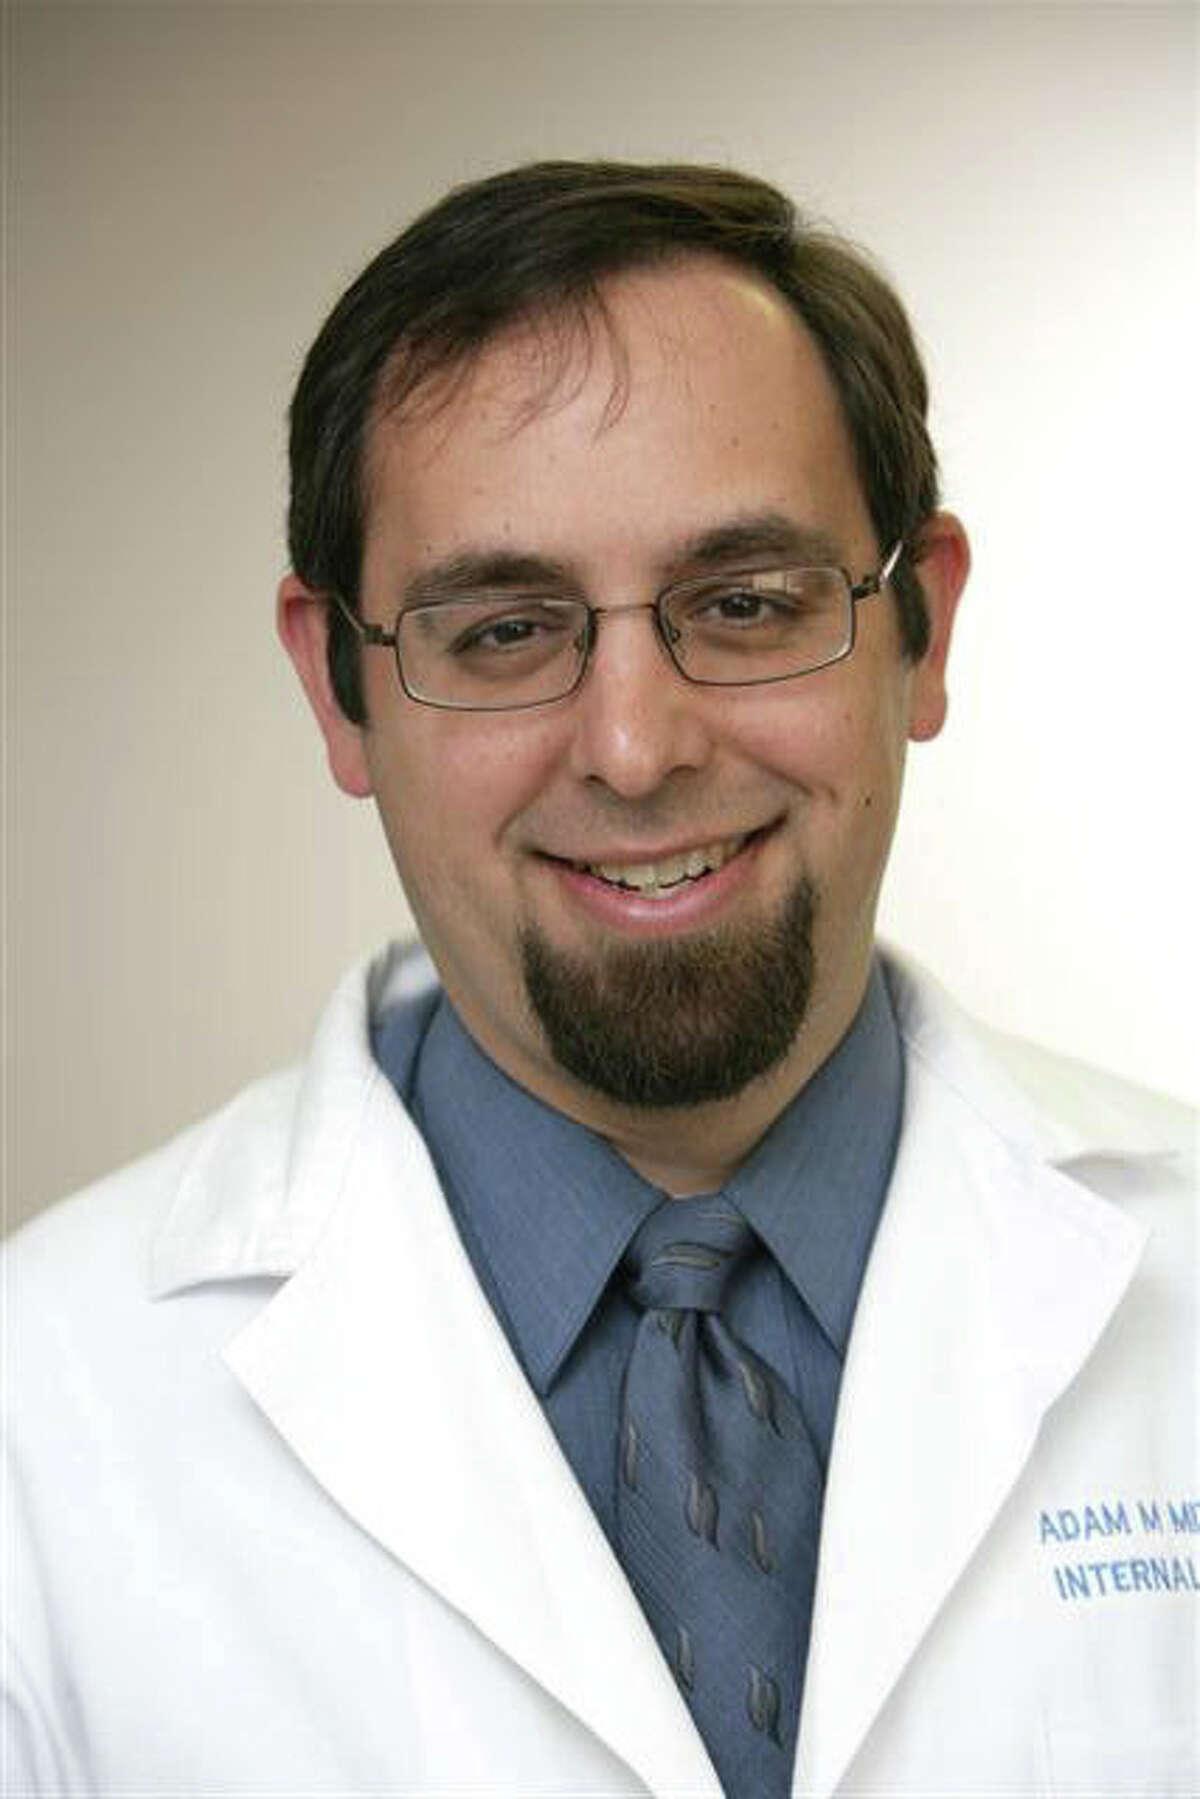 Dr. Adam Mitchell